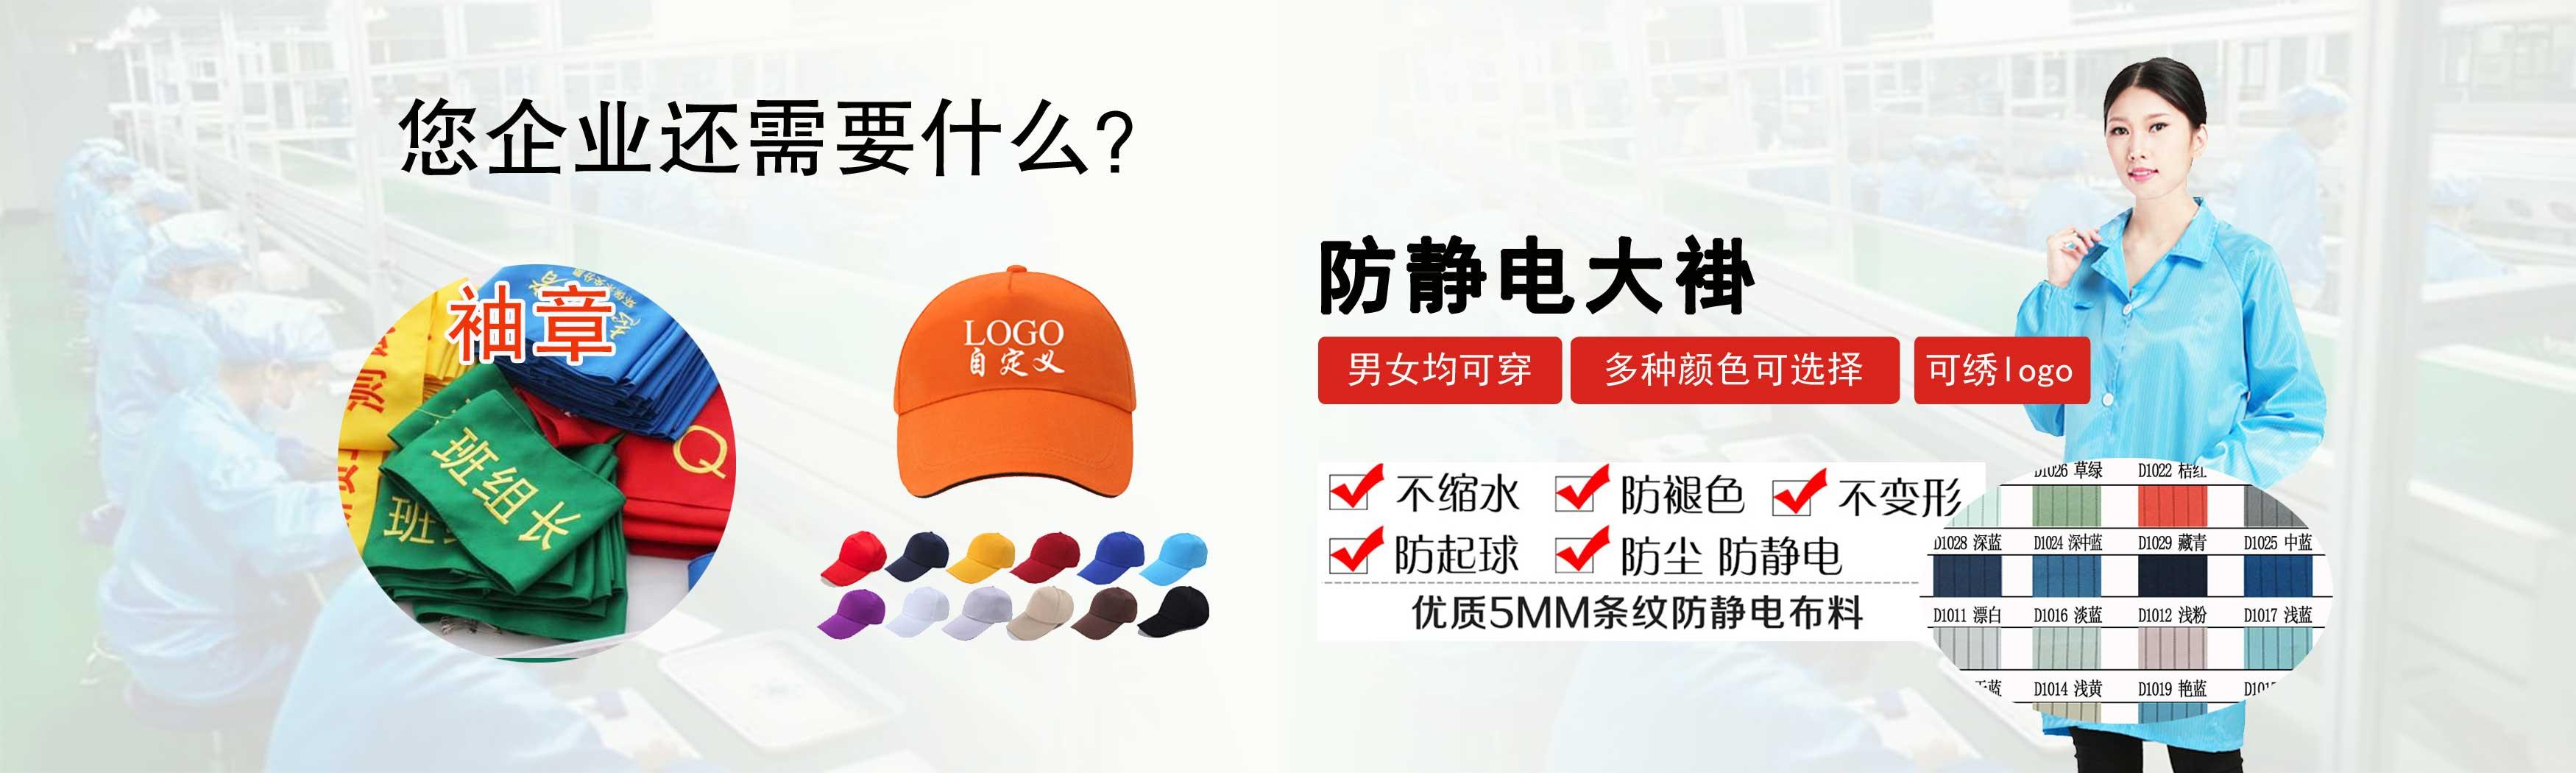 苏州尚美服装厂其它产品